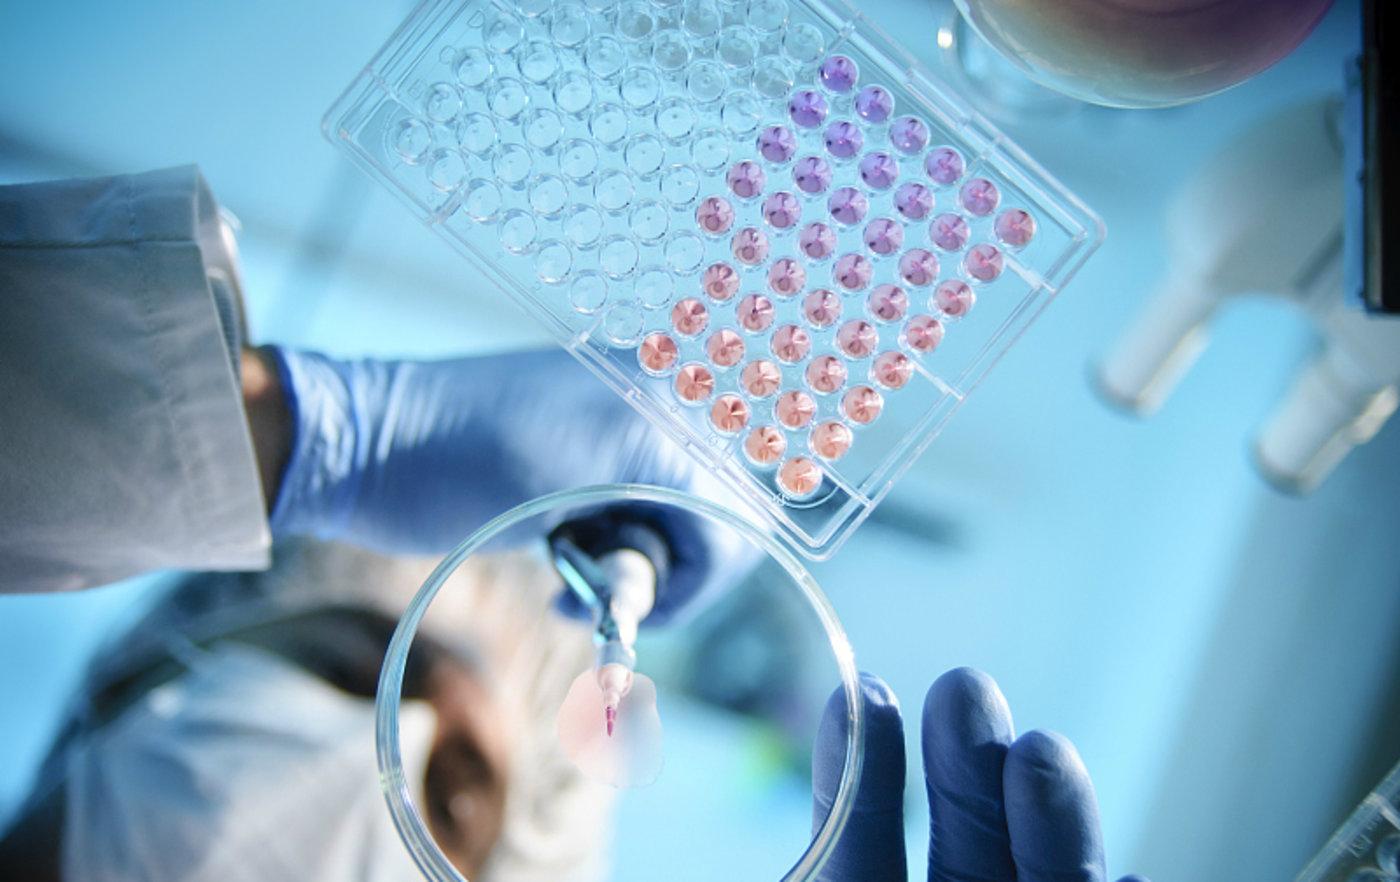 准确率不足50%,诺辉癌症早筛会是一门好生意吗?